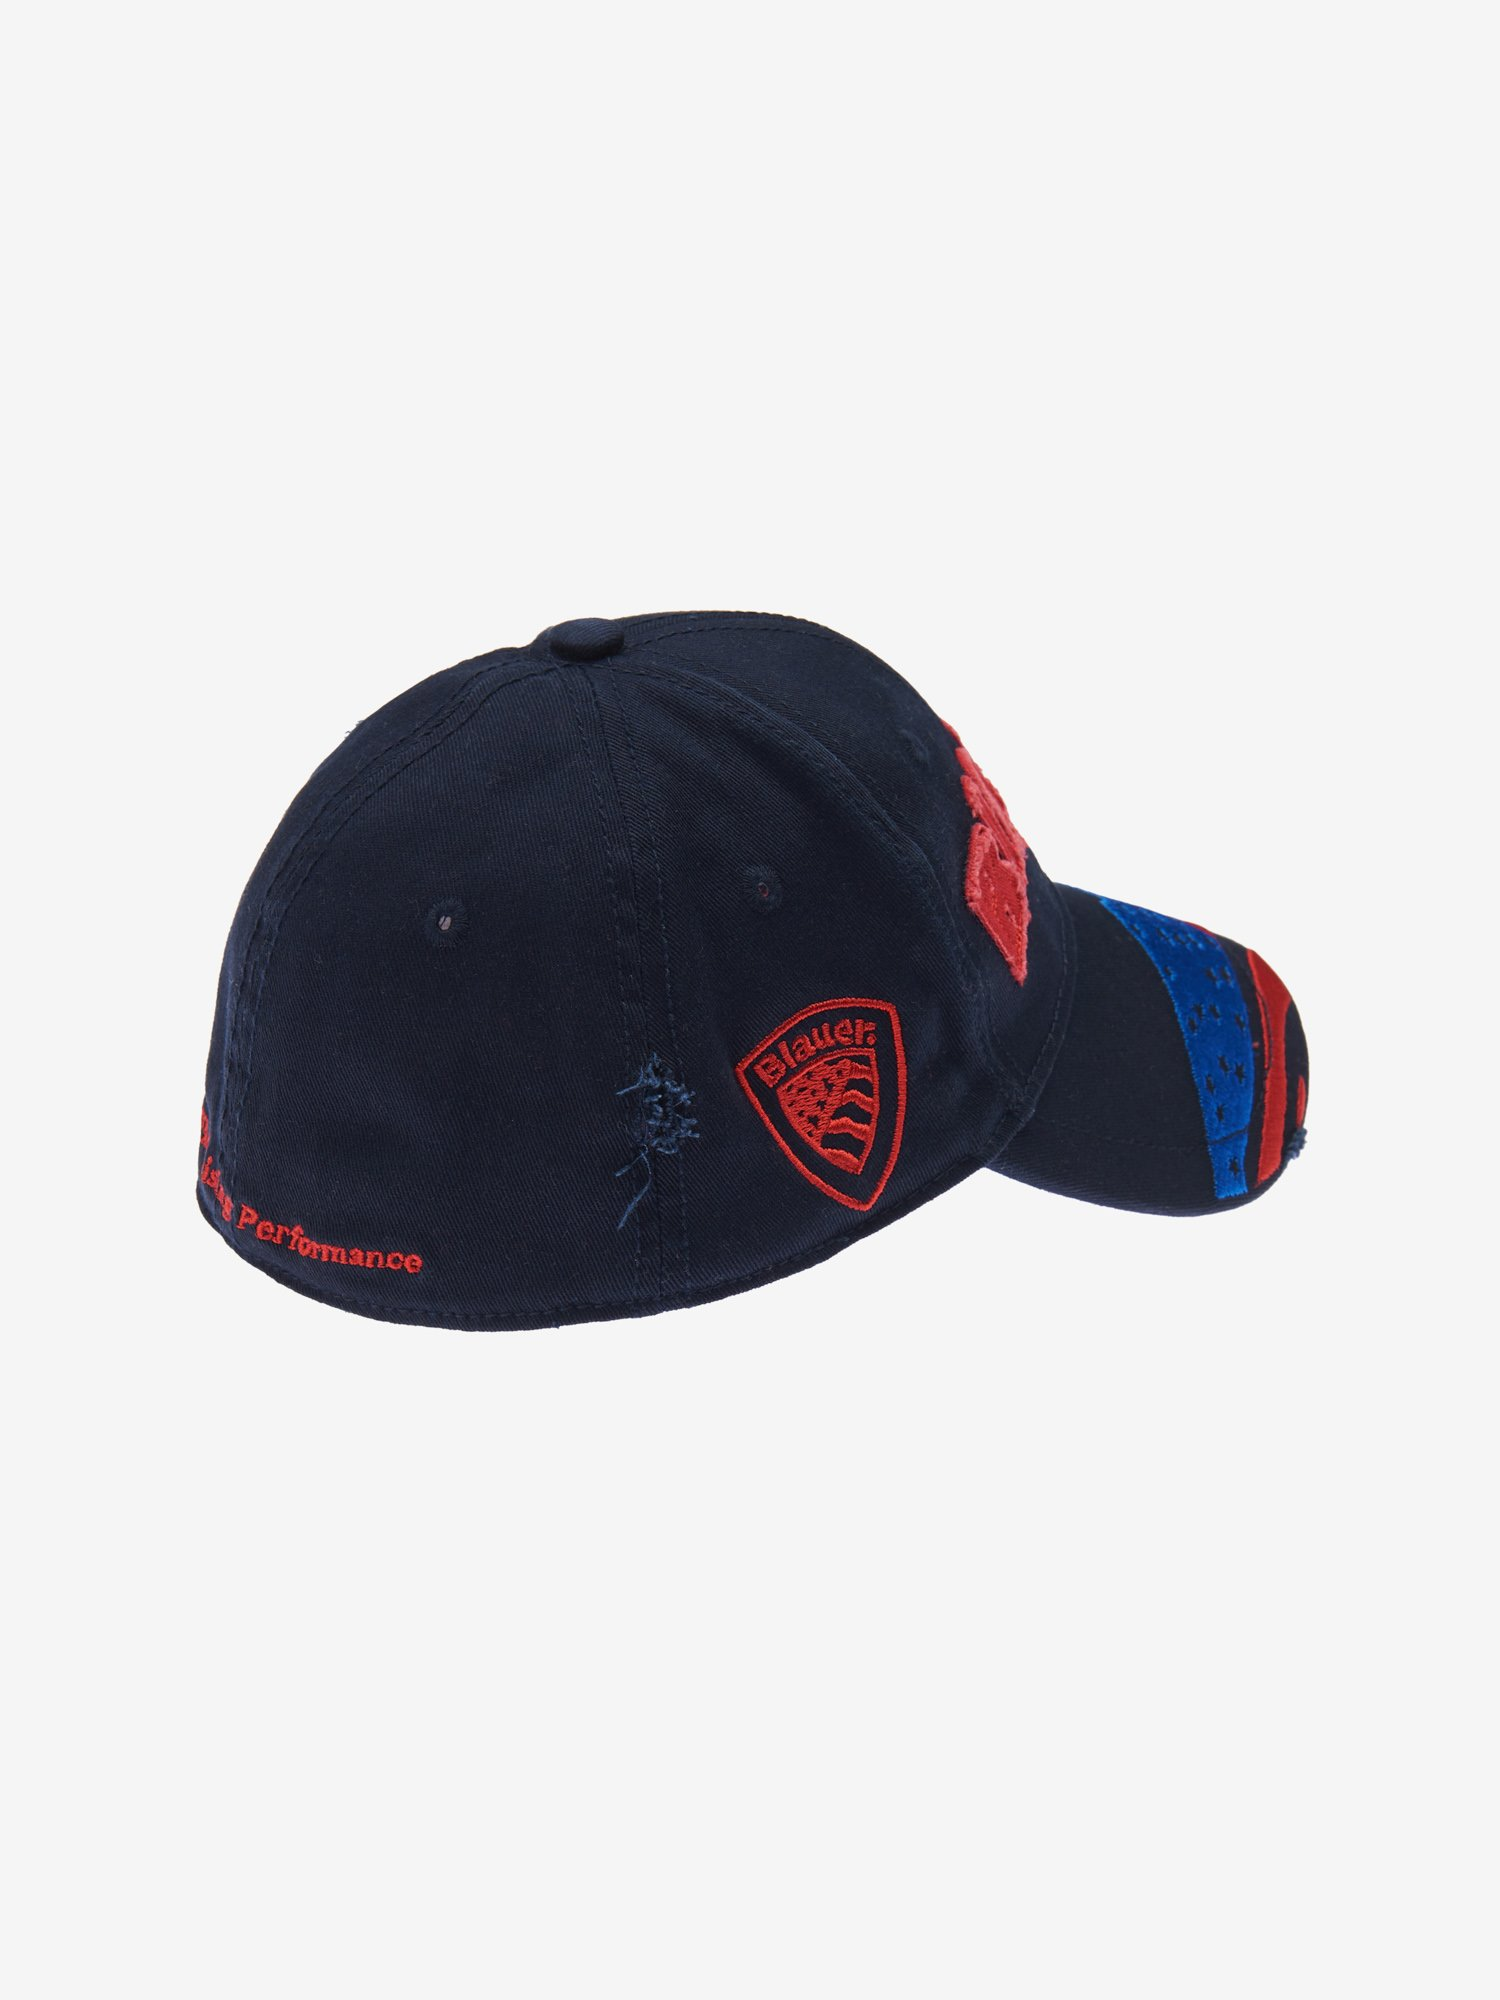 Blauer - JUNIOR CAP WITH VISOR - Blue Ink - Blauer